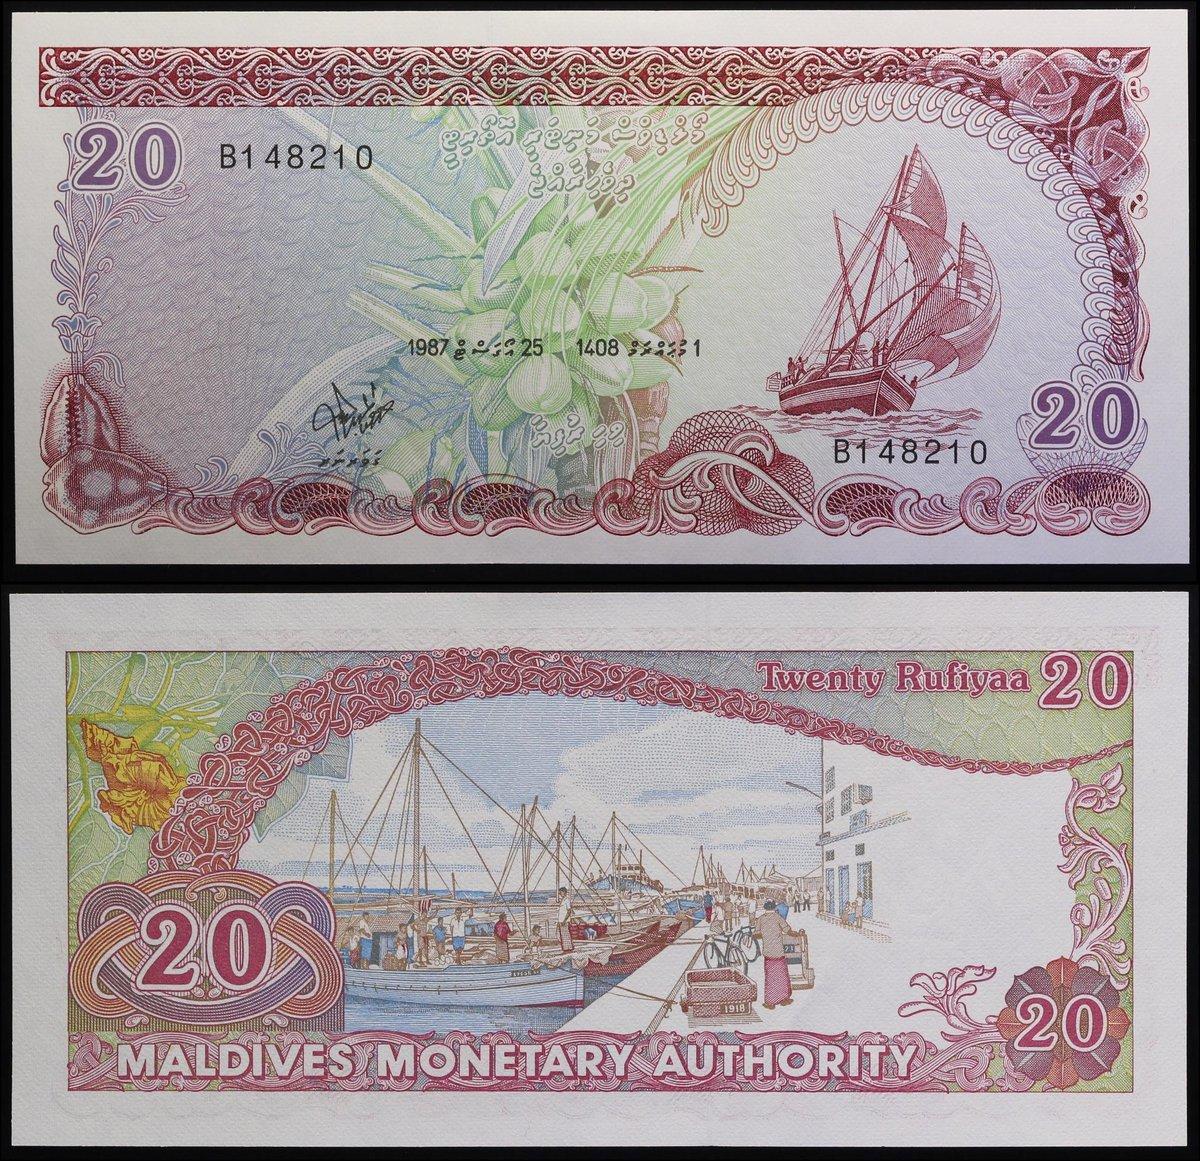 Asia Paper Money Maldives 5 Rufiyaa Banknote P-18 2011 UNC L Series